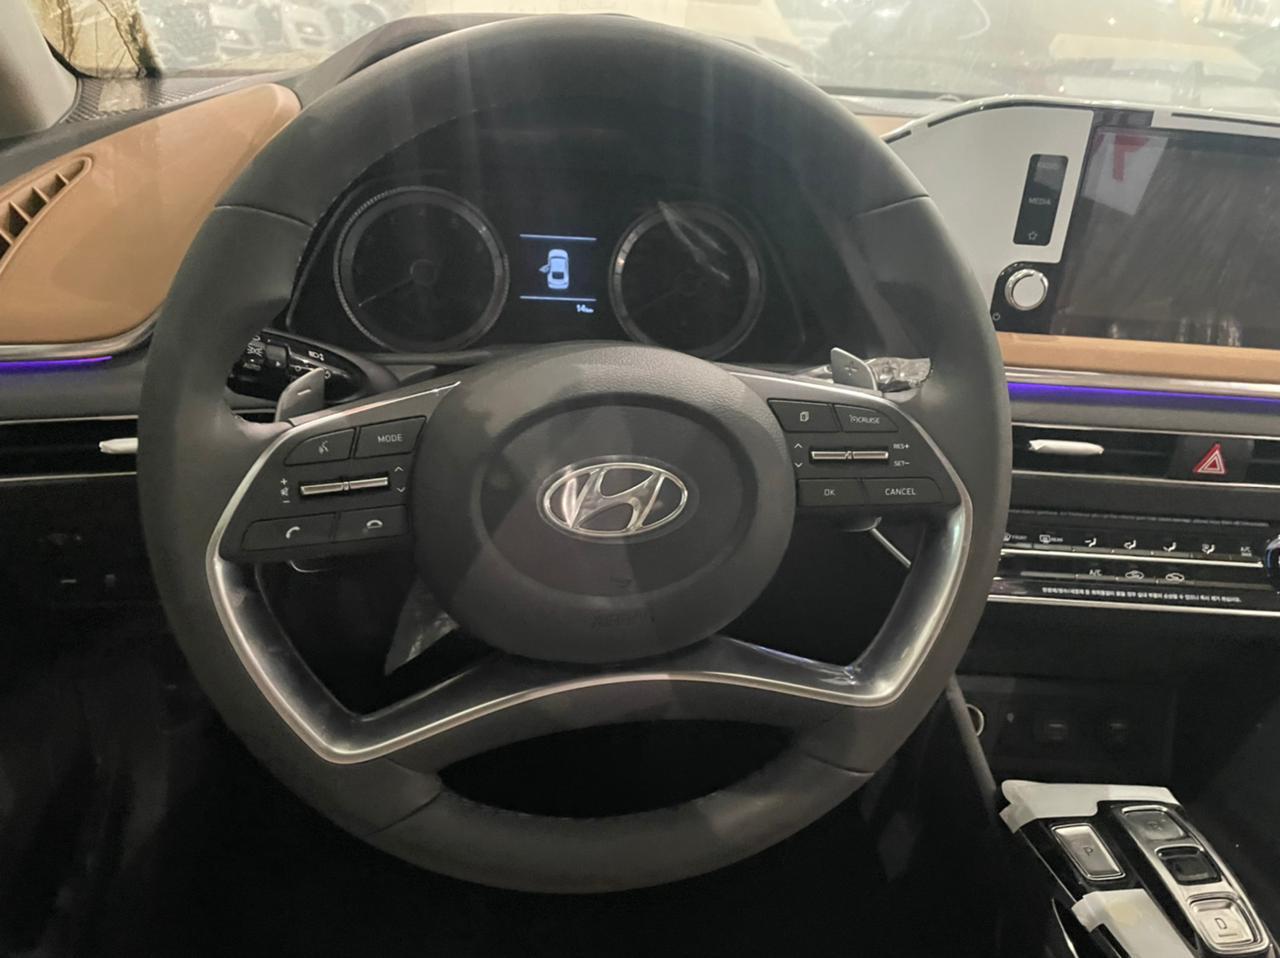 مباع - هونداي سوناتا Smart Plus نص فل 2021  سعودي جديد للبيع في جدة - السعودية - صورة كبيرة - 15